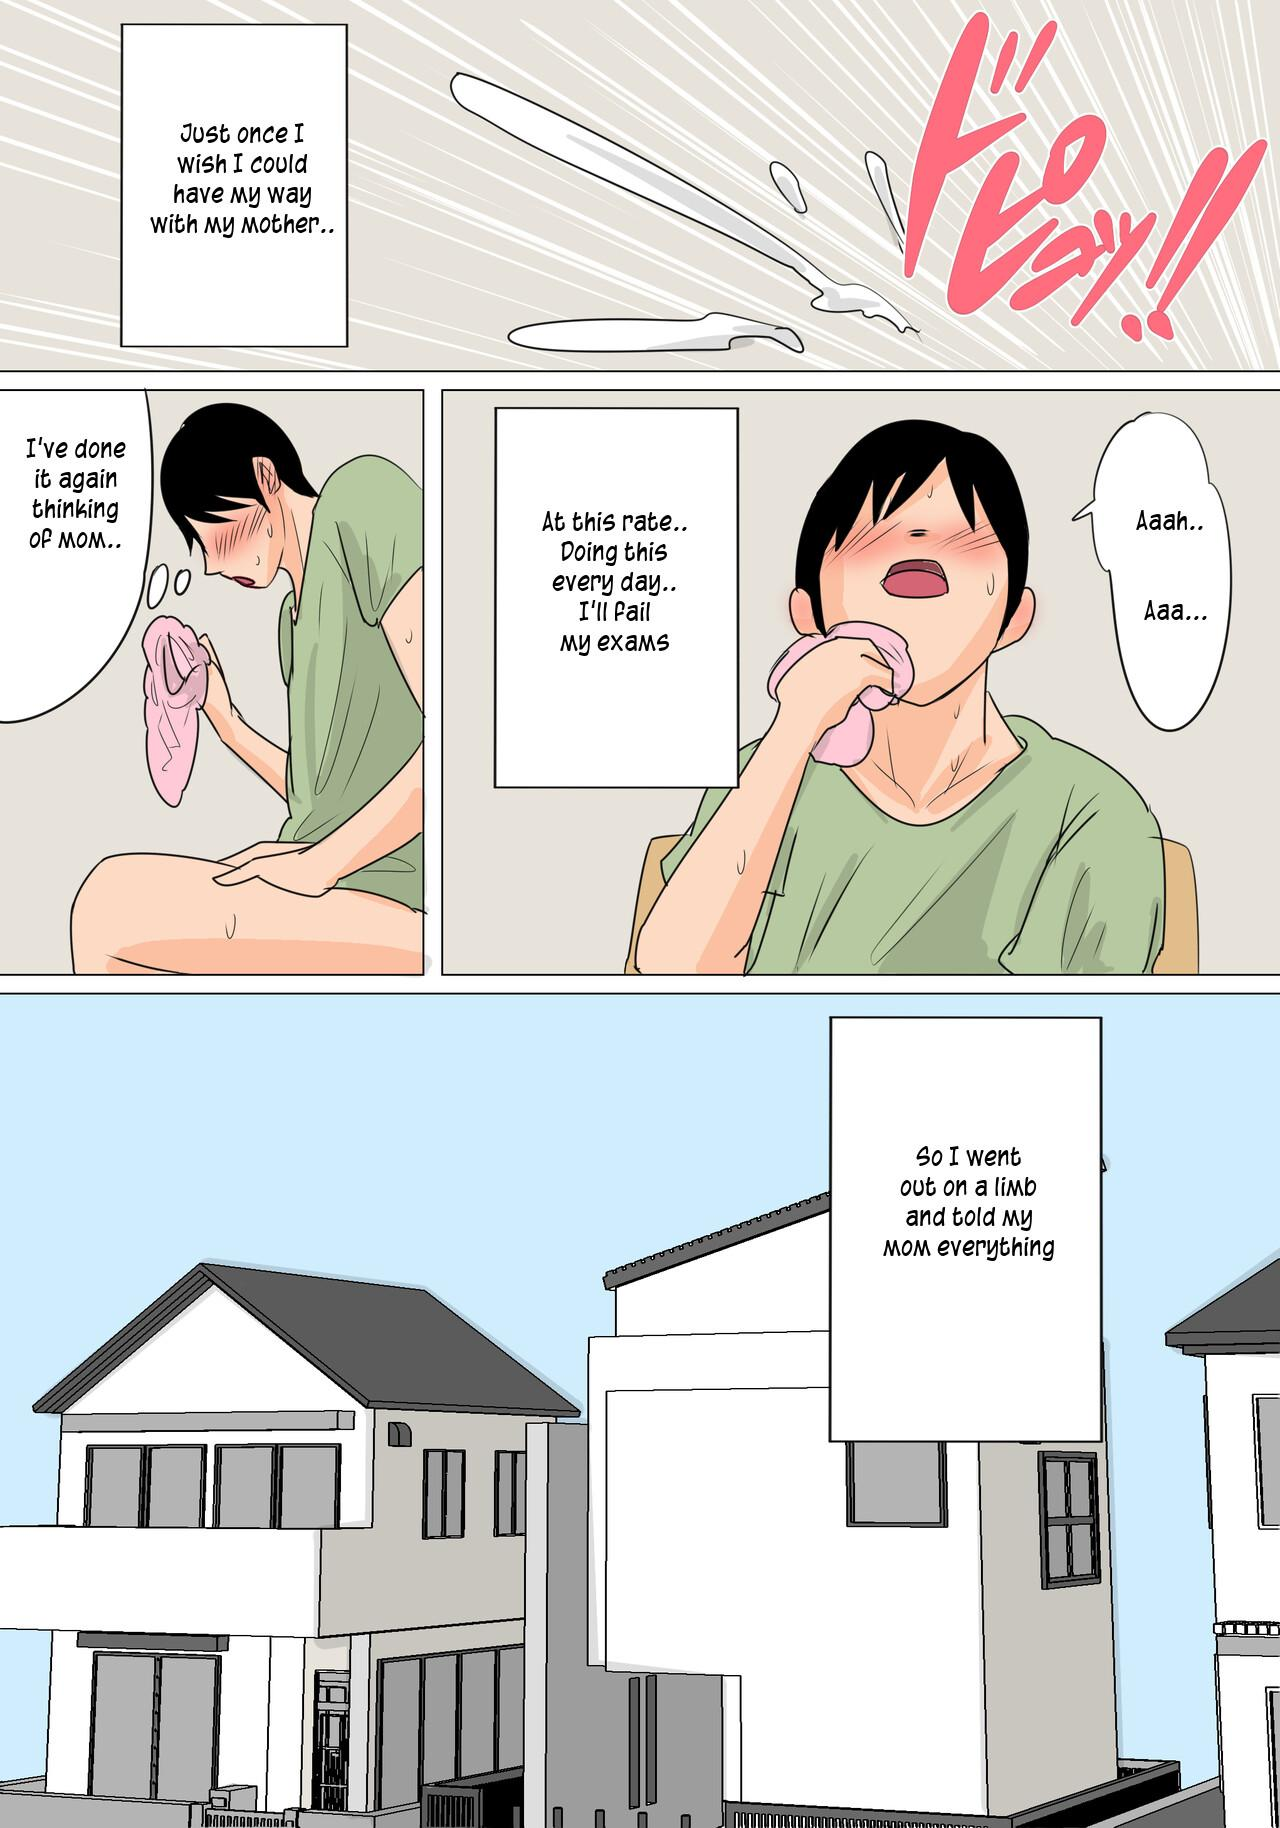 [Natsume Benkei] Konya no Okazu wa Okaa-san! ~Nakadashi Ari no Oyako Kankei~ | Tonight Mom gets me off! [English] [innyinny] 3